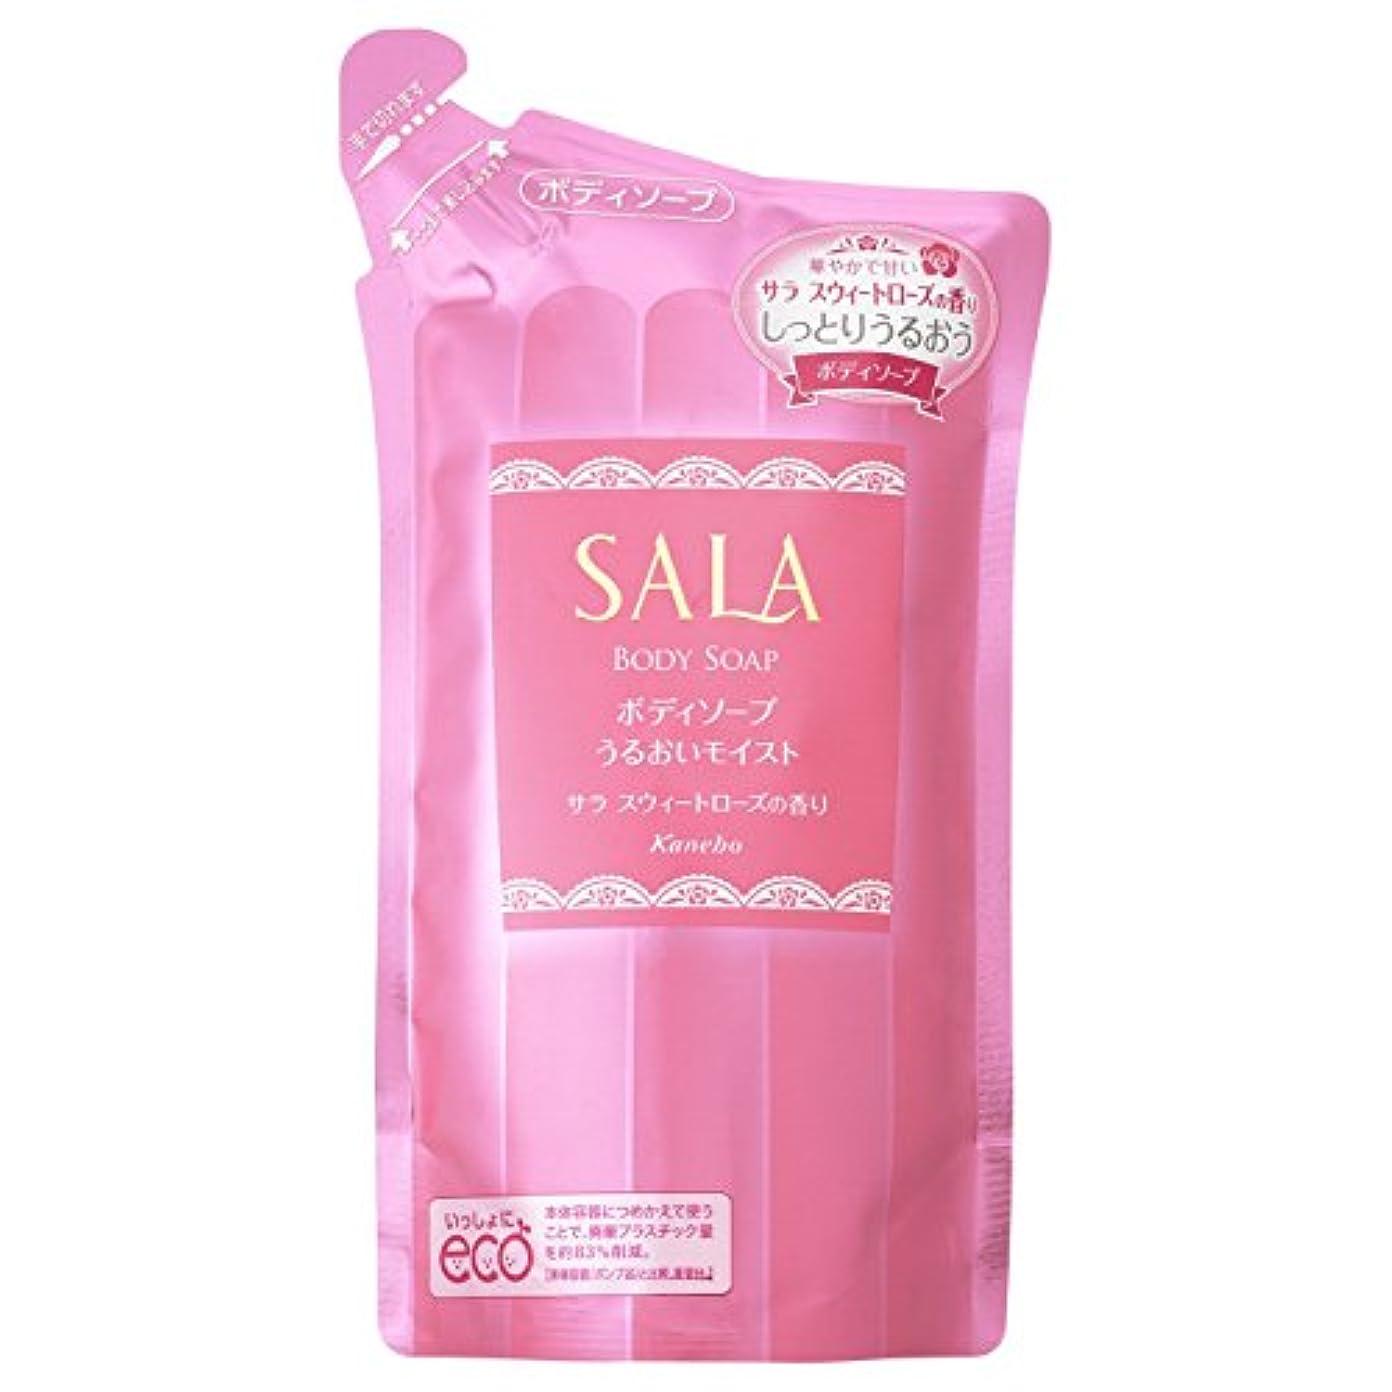 表向き社会科とは異なりサラ ボディソープ うるおいモイスト つめかえ用 サラスウィートローズの香り